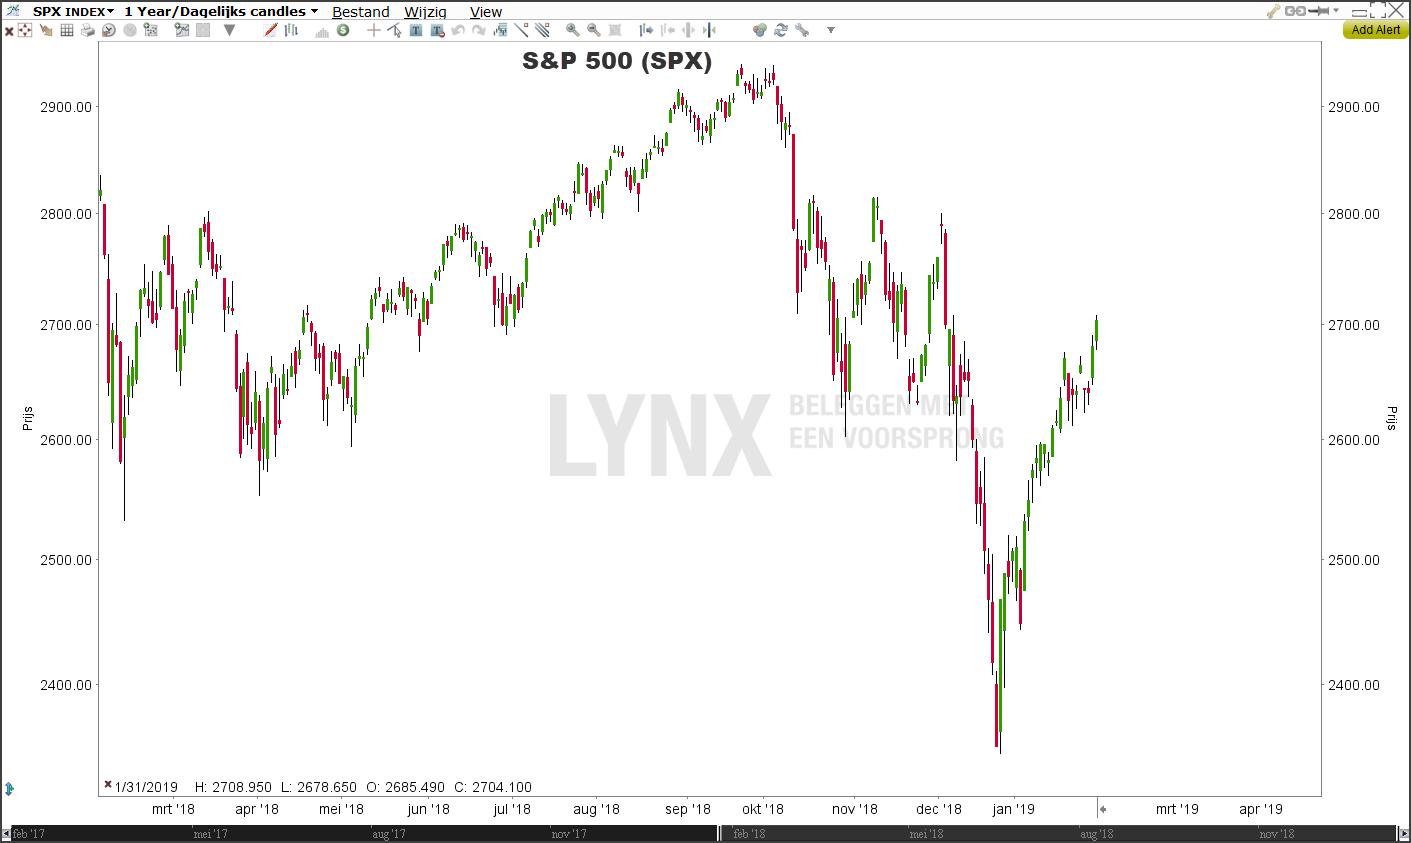 S&P 500 (SPX)